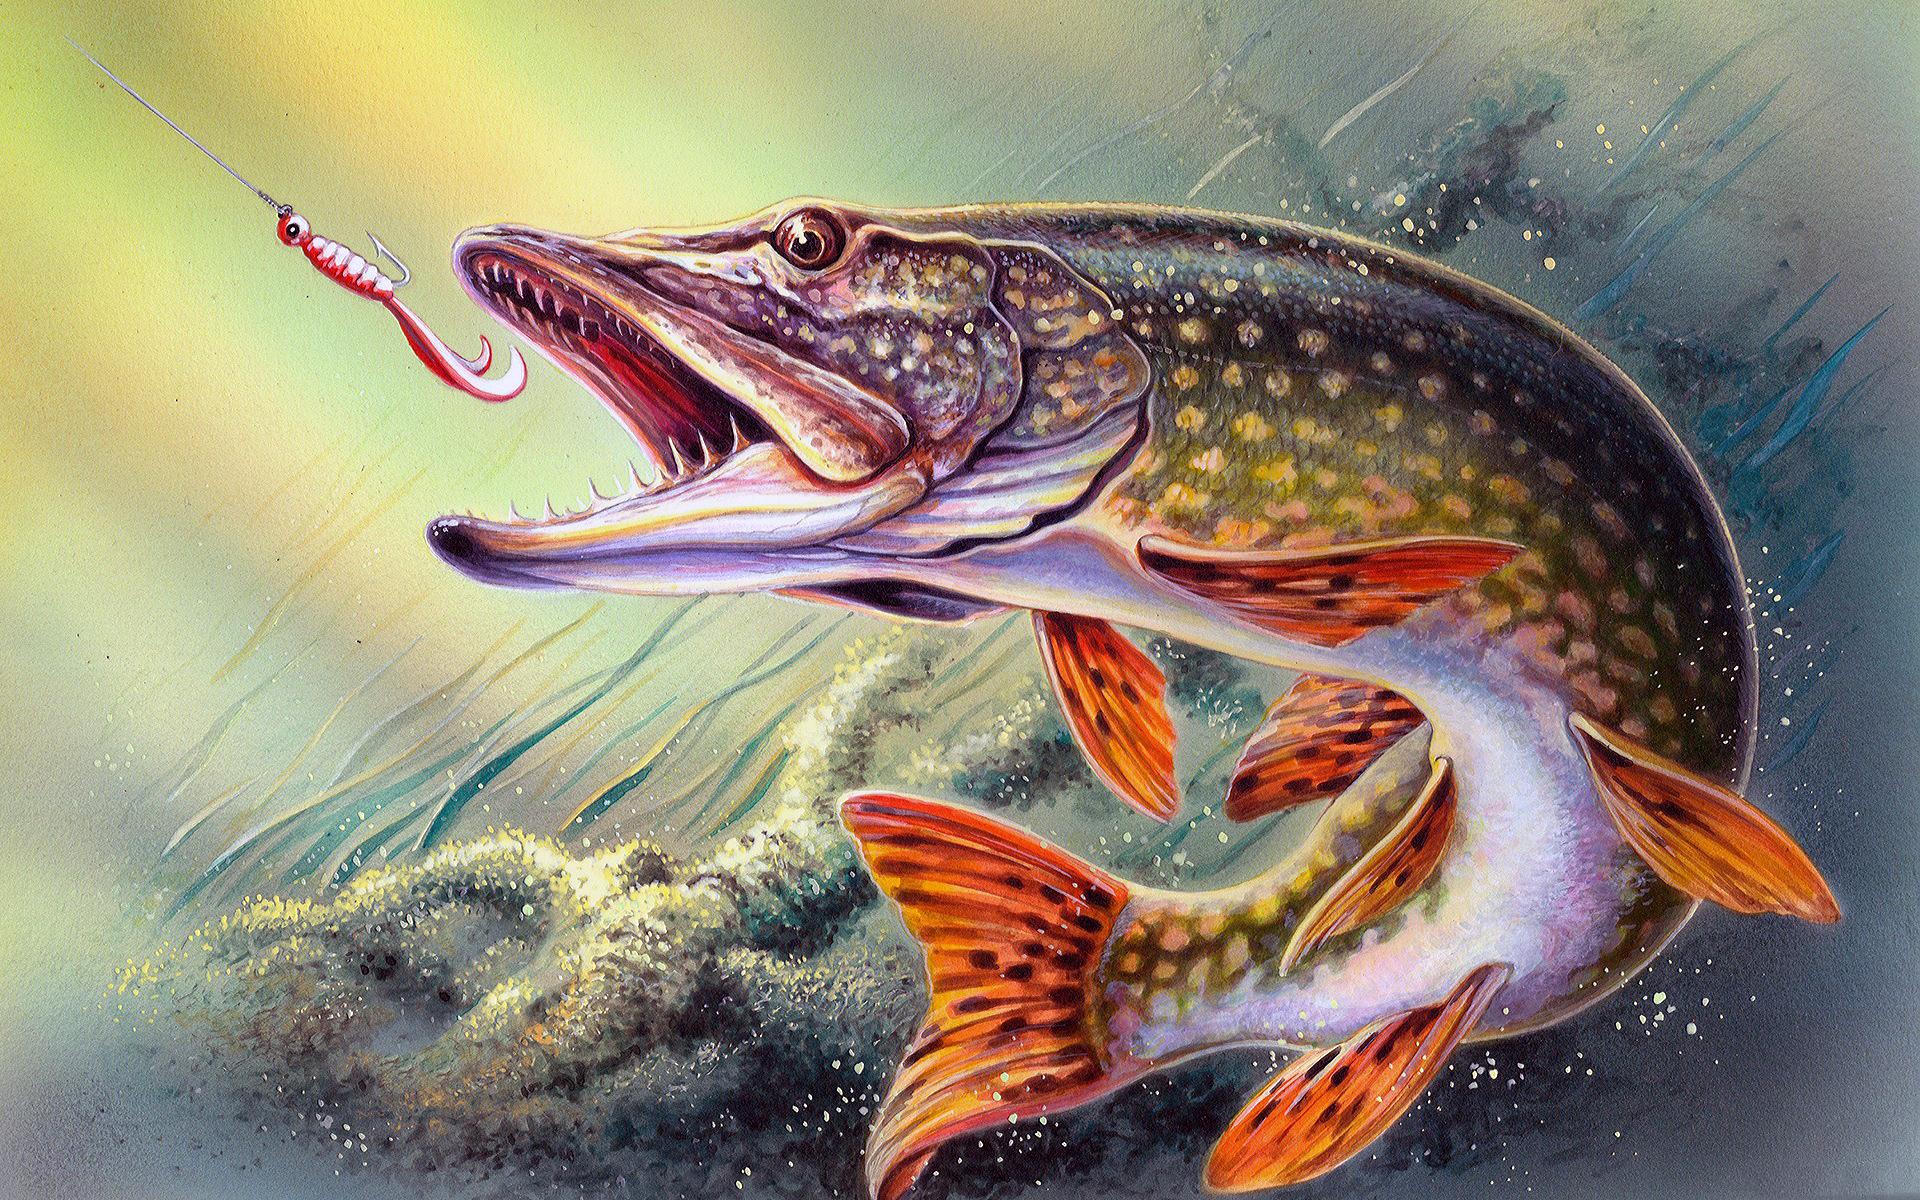 Картинка для детей щука в воде